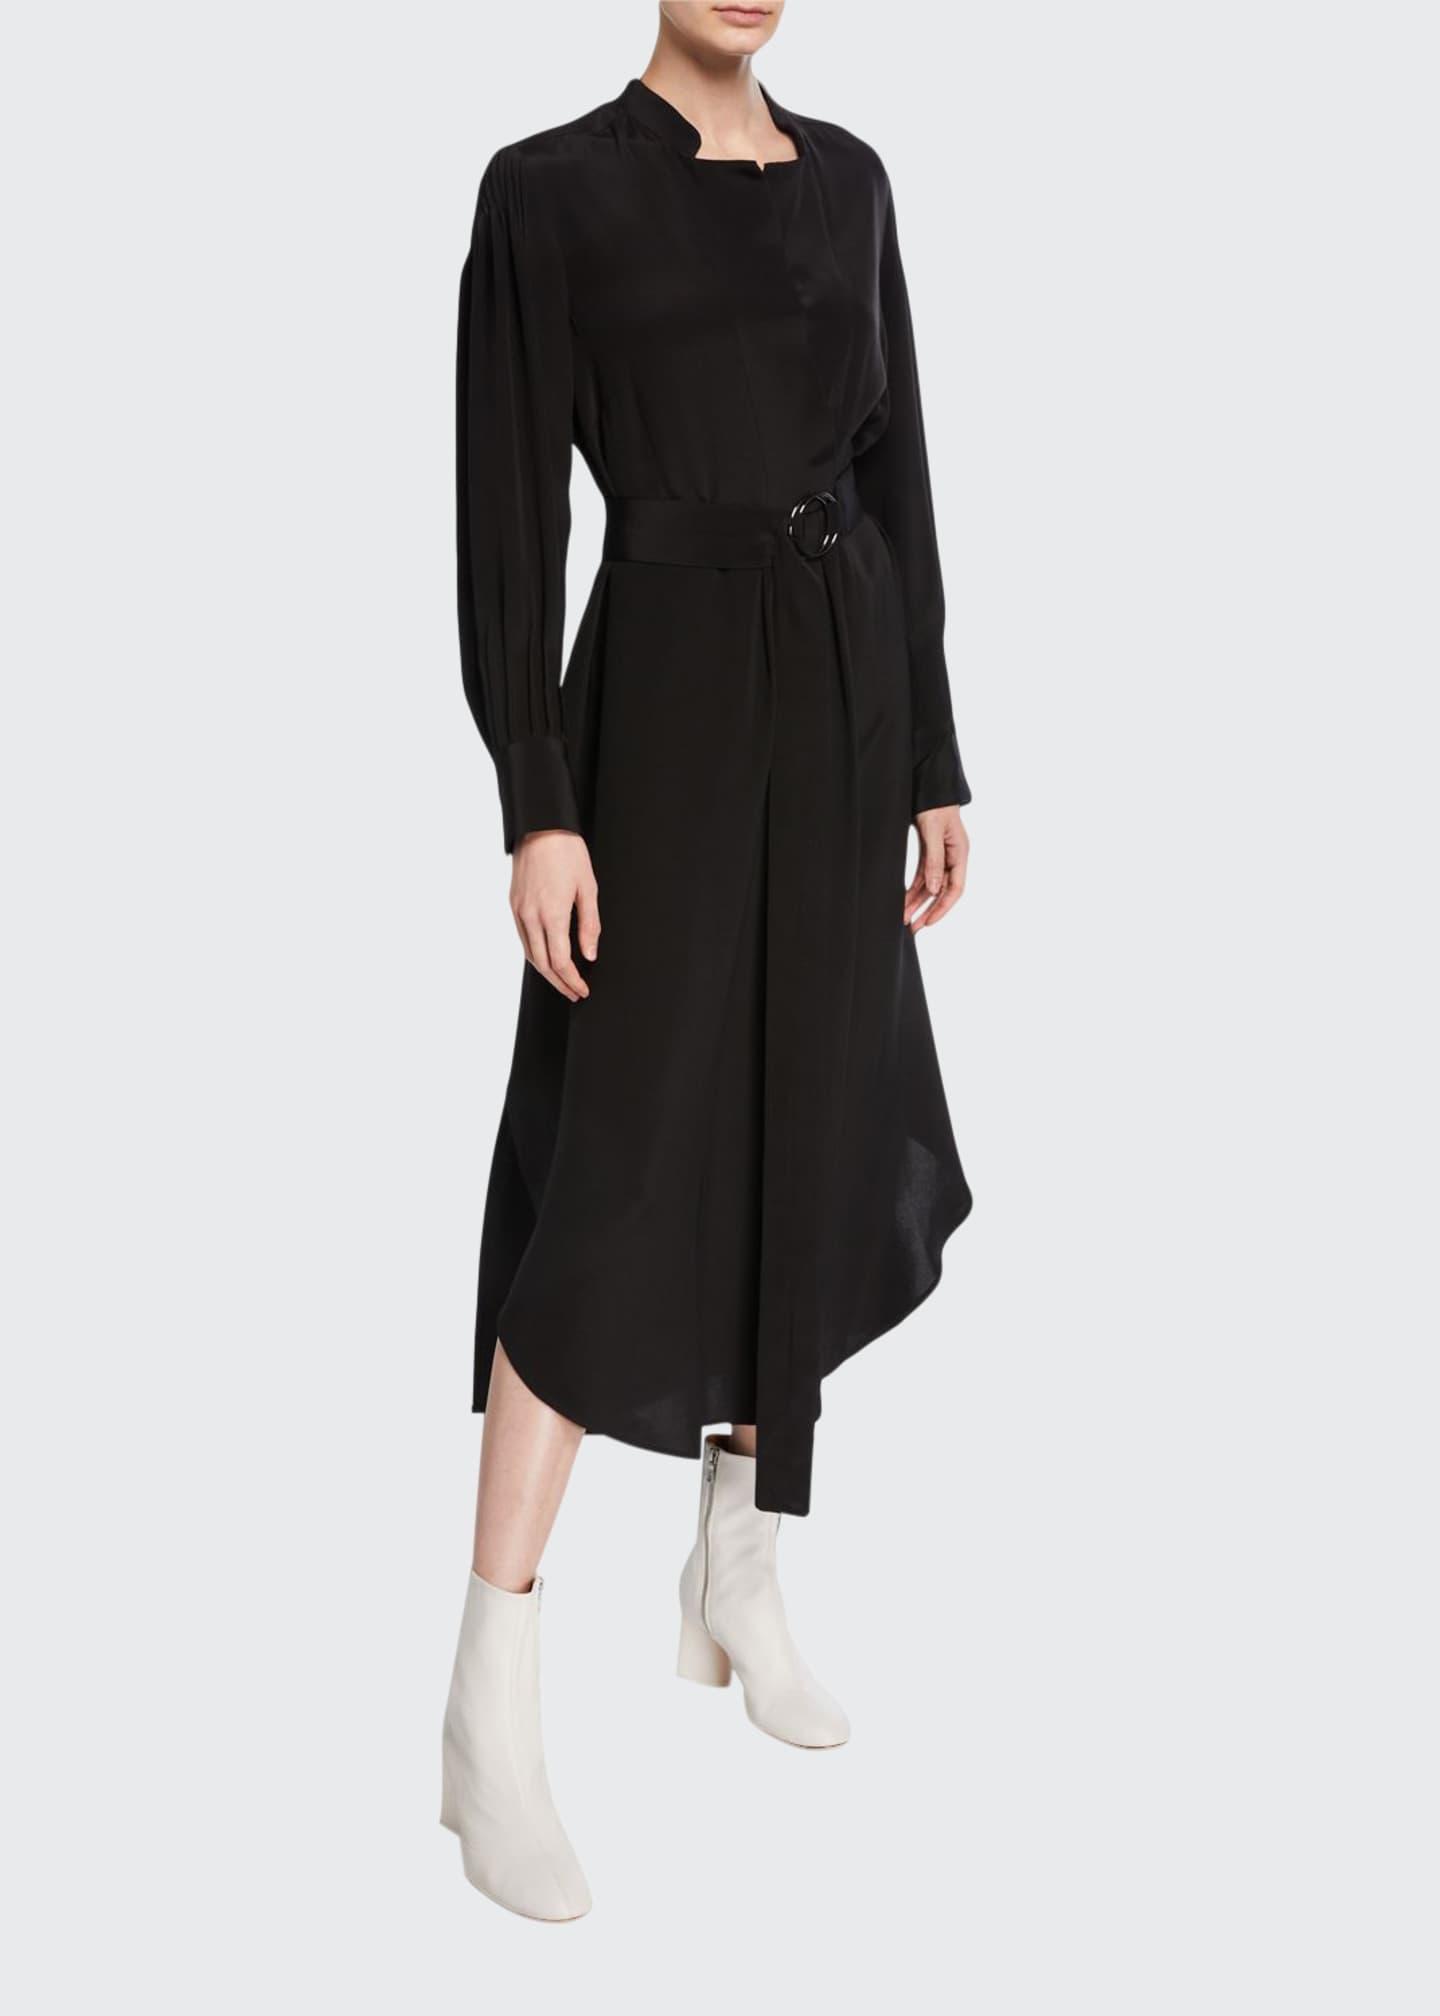 Rachel Comey Allium Belted Silk Long-Sleeve Dress